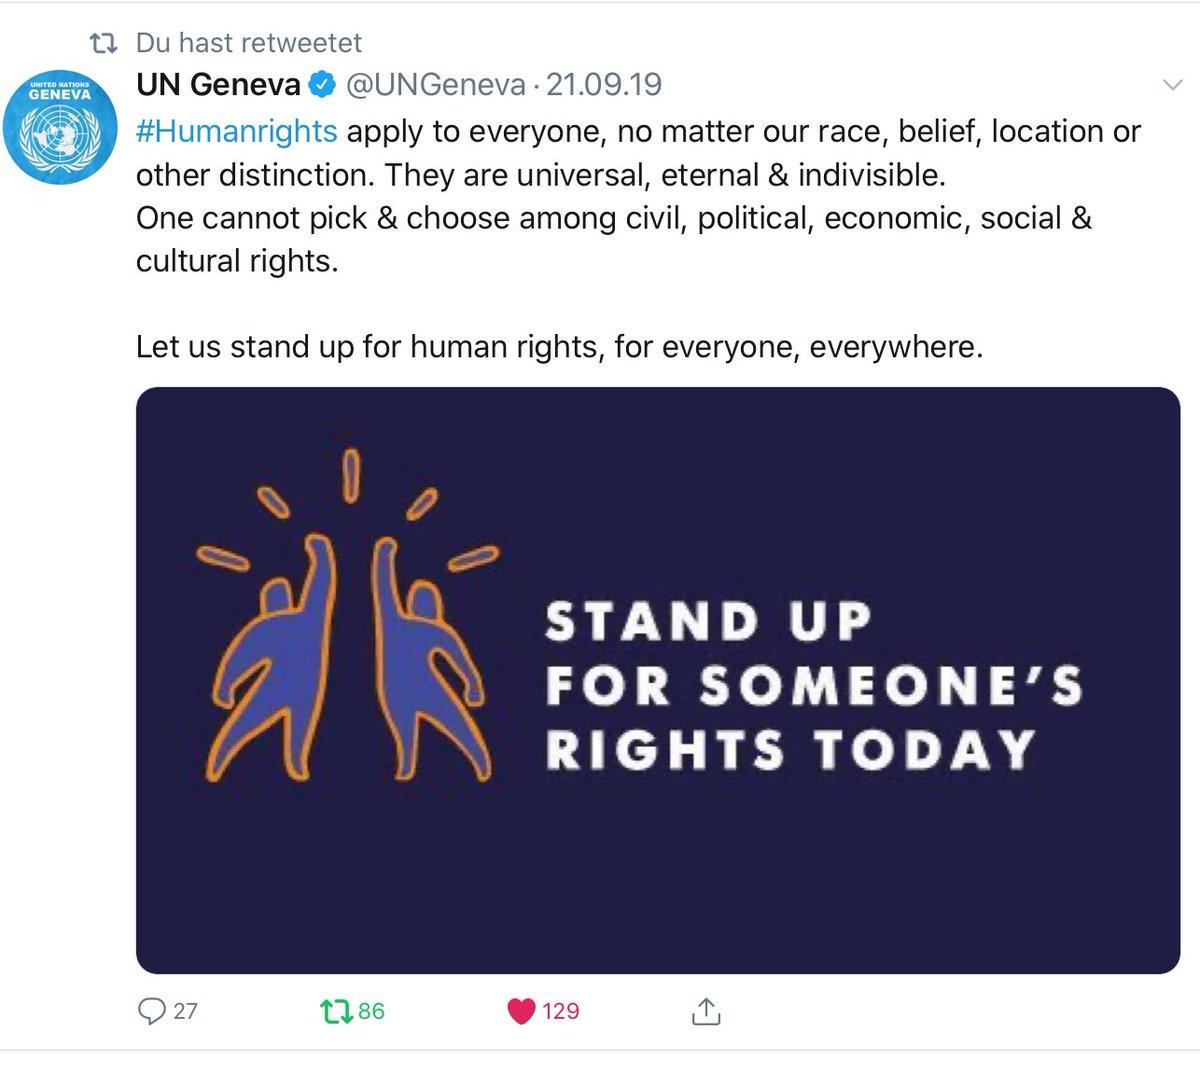 """Hans Bühler wurde im Iran massiv misshandelt. Aber was interessiert das schon die UNO-Schweiz - die gar per """"Volks""""-Abstimmung dem willkürlichen UNO-Verein beitrat. Aber wie bei den Uiguren u. Uigurinnen... ...Alles egal. Schneider-Amman  war auch allseits (...). pic.twitter.com/IB7cTKDldd"""